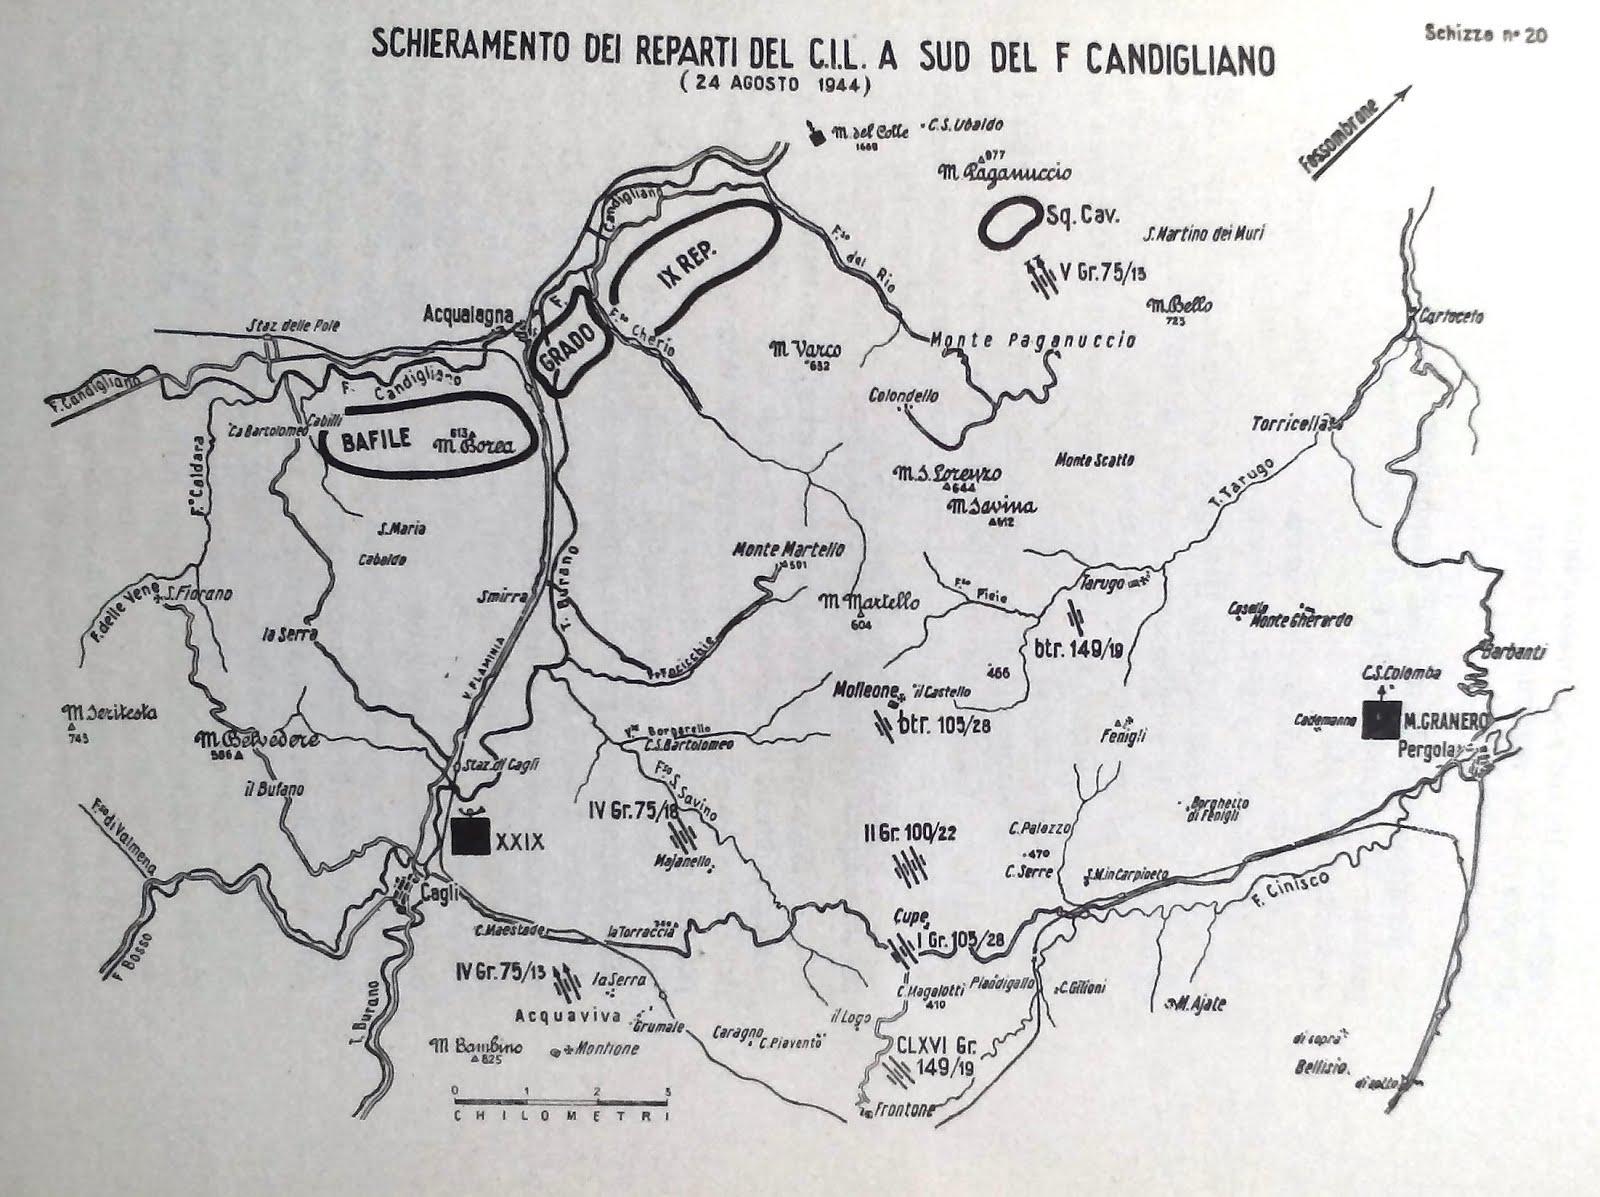 Schieramento dei reparti del Corpo Italiano di Liberazione  24 agosto 1944